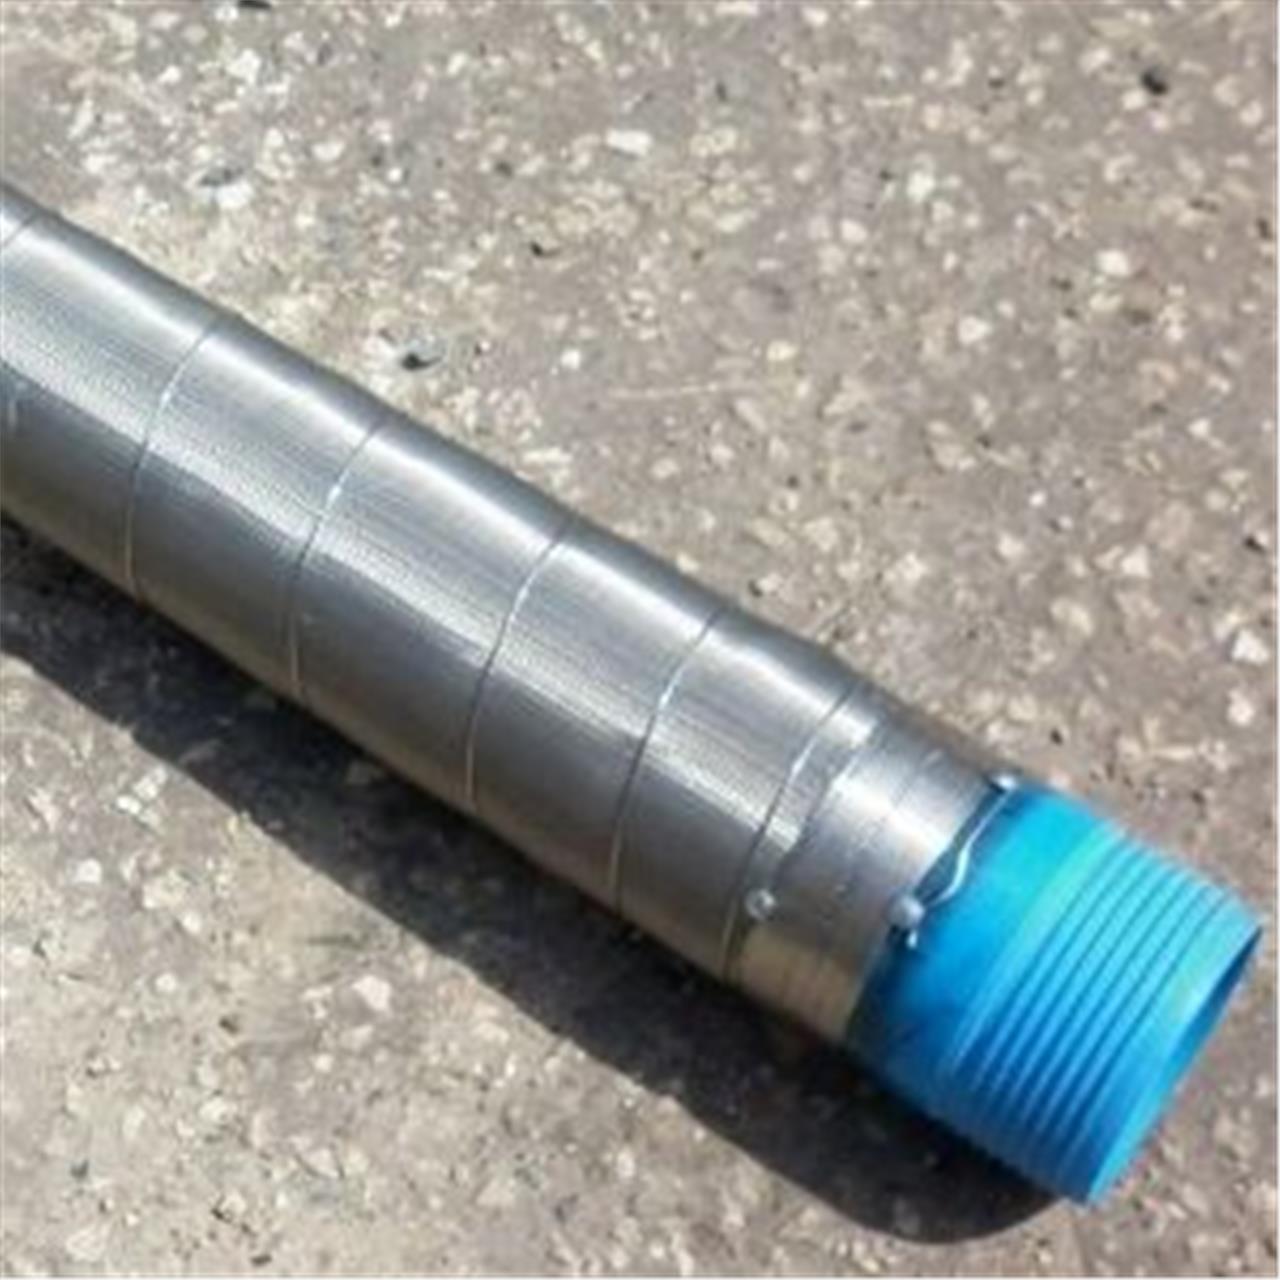 Как сделать фильтр для скважины своими руками: пошаговый